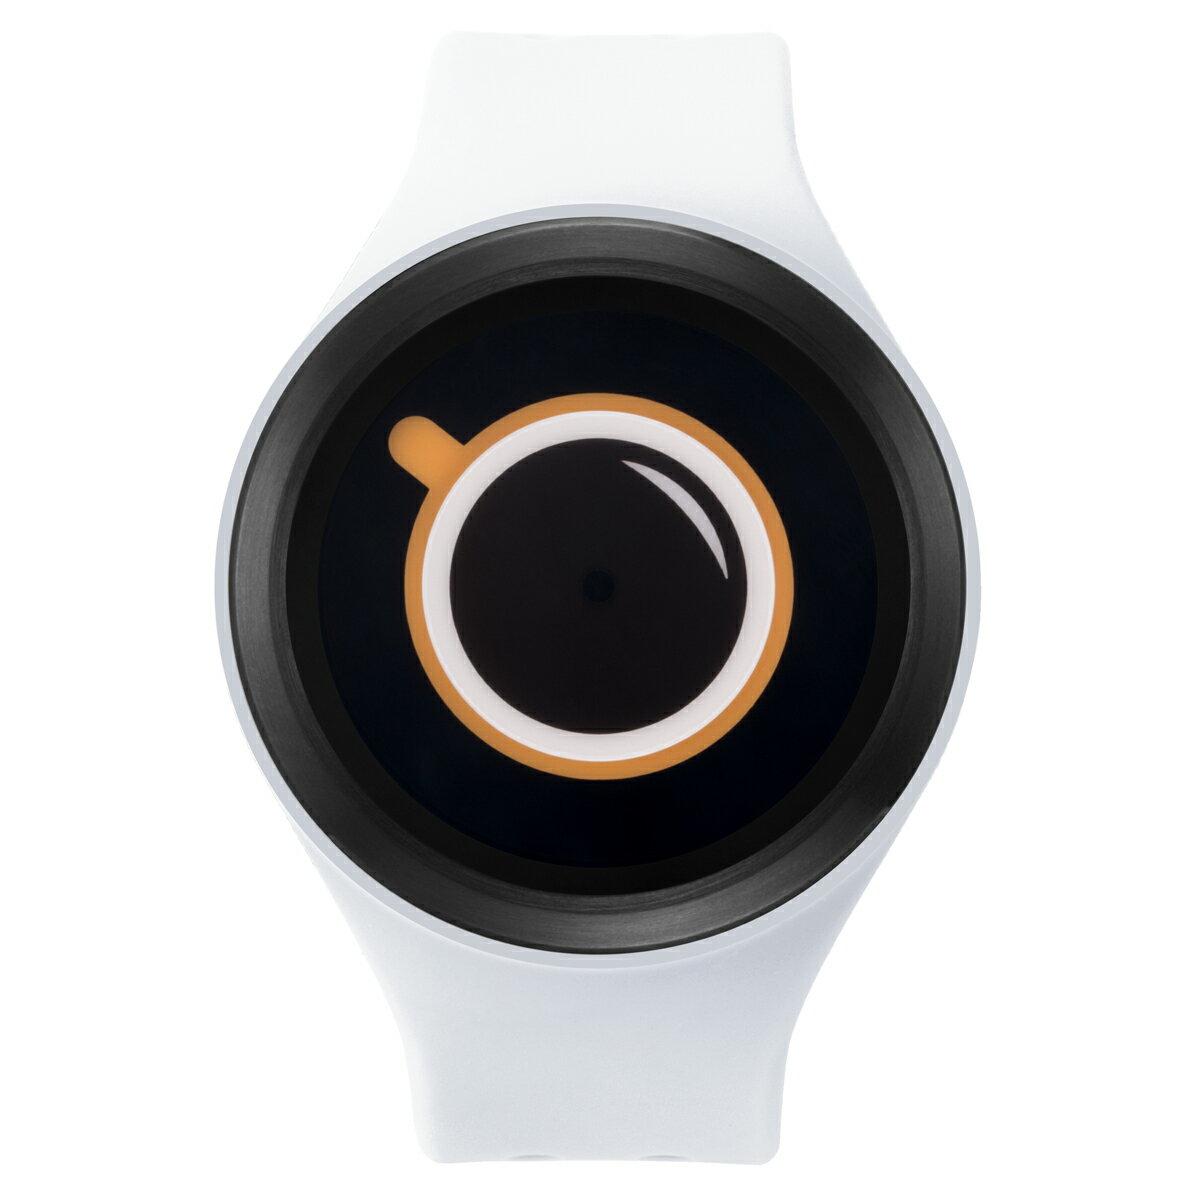 ZEROO COFFEE TIME ゼロ 電池式クォーツ 腕時計 [W00301B03SR01] ホワイト デザインウォッチ ペア用 メンズ レディース ユニセックス おしゃれ時計 デザイナーズ